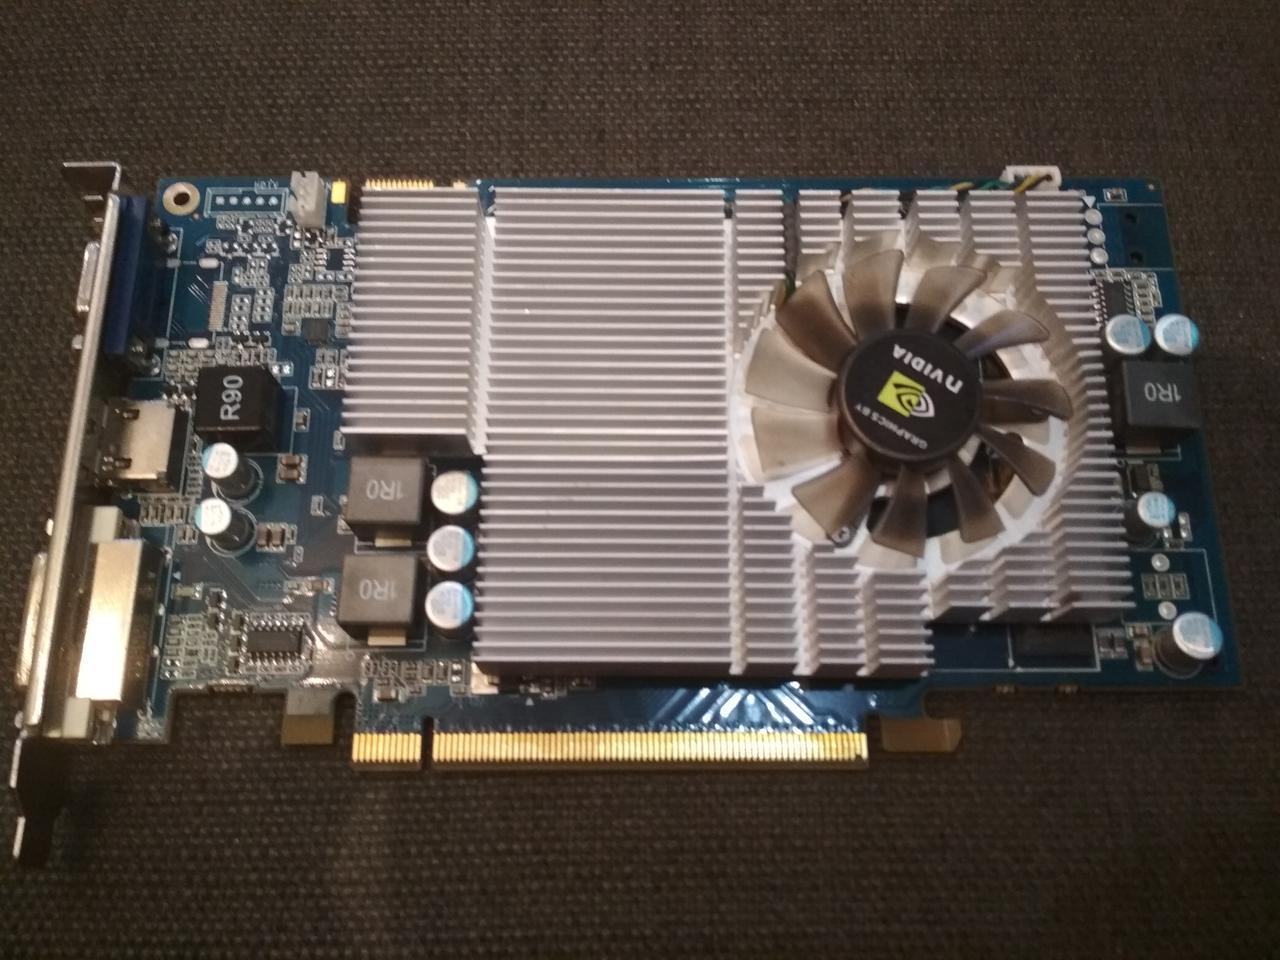 ВИДЕОКАРТА Pci-E GEFORCE GT130 на 2GB ( а точнее 1,5 GB ! ) c HDMI и ГАРАНТИЕЙ ( видеоадаптер GT 130 1,5GB )